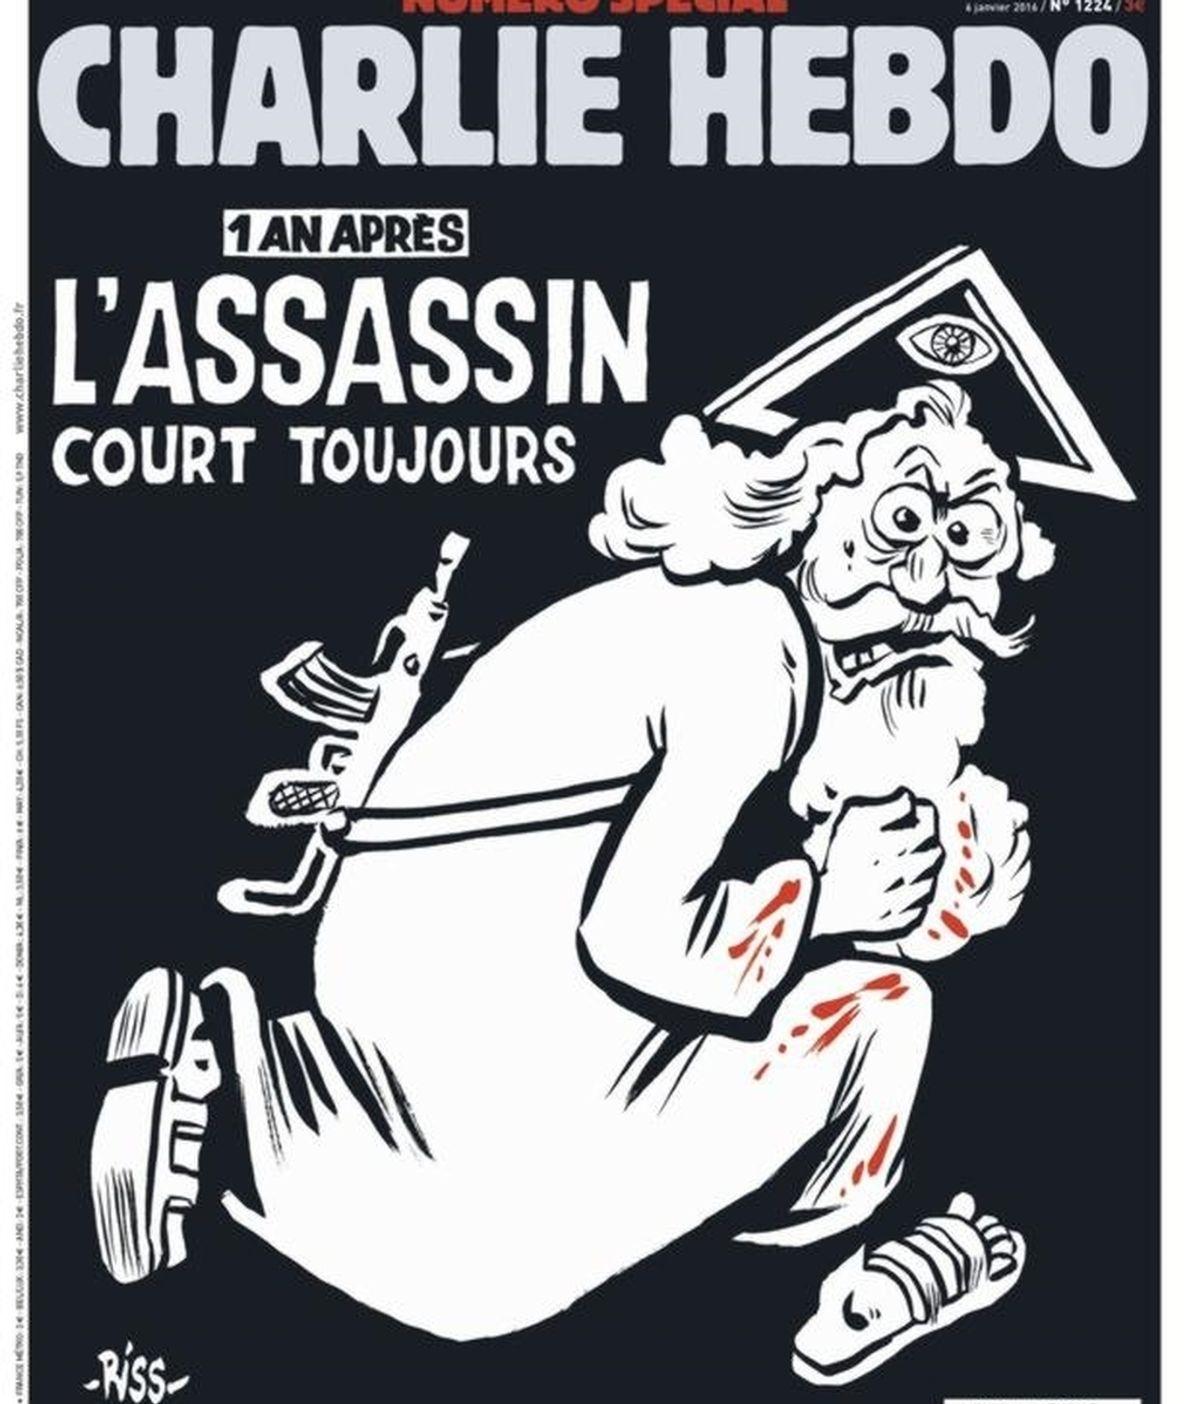 Nueva portada del Charlie Hebdo